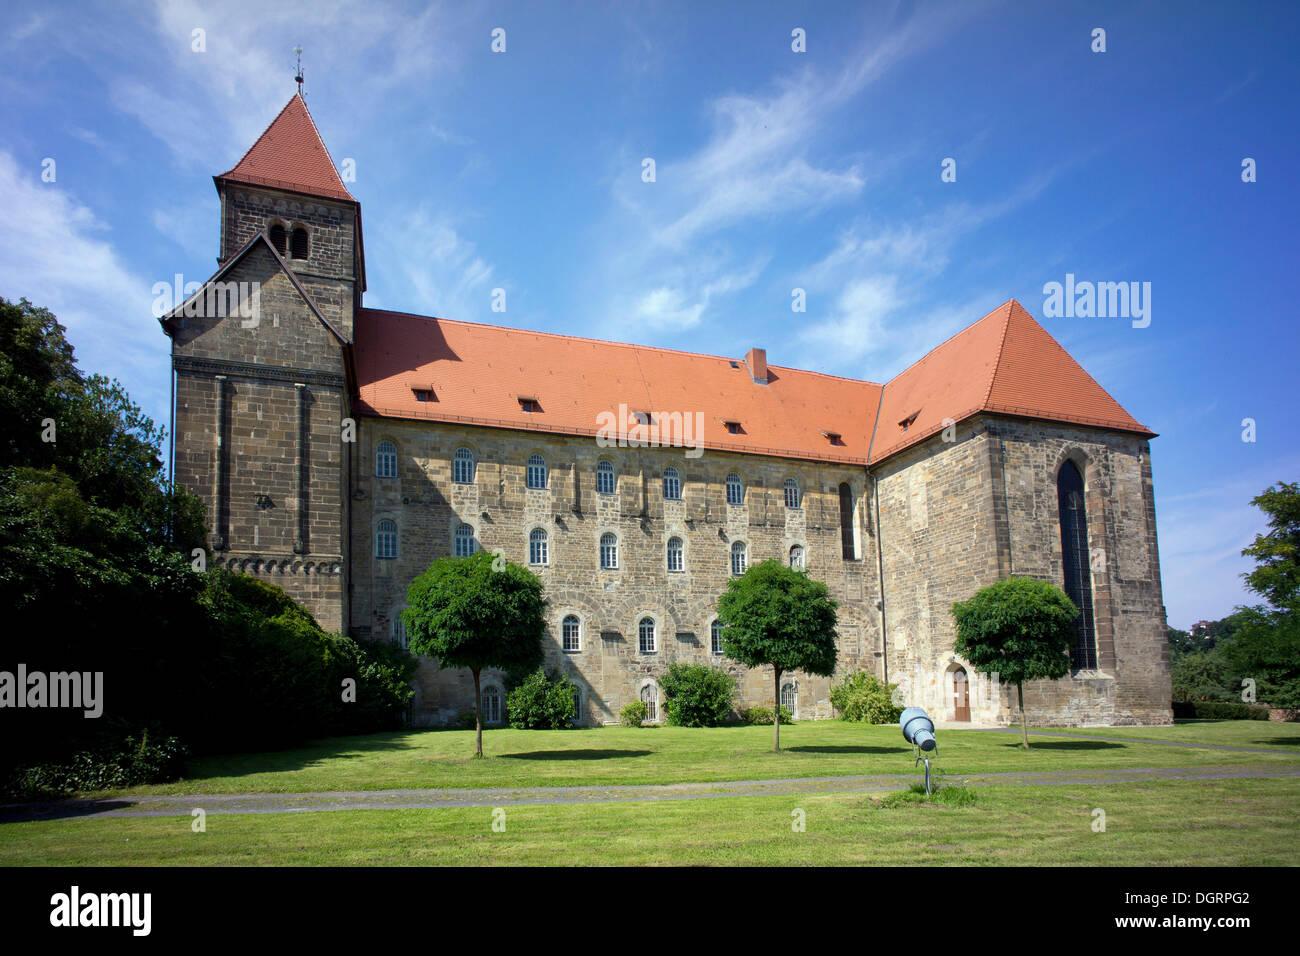 Breitenau Denkmal, ehemaligen Konzentrationslagers Breitenau, jetzt ein psychiatrisches Krankenhaus, Guxhagen, Guxhagen, Hessen, Deutschland Stockbild